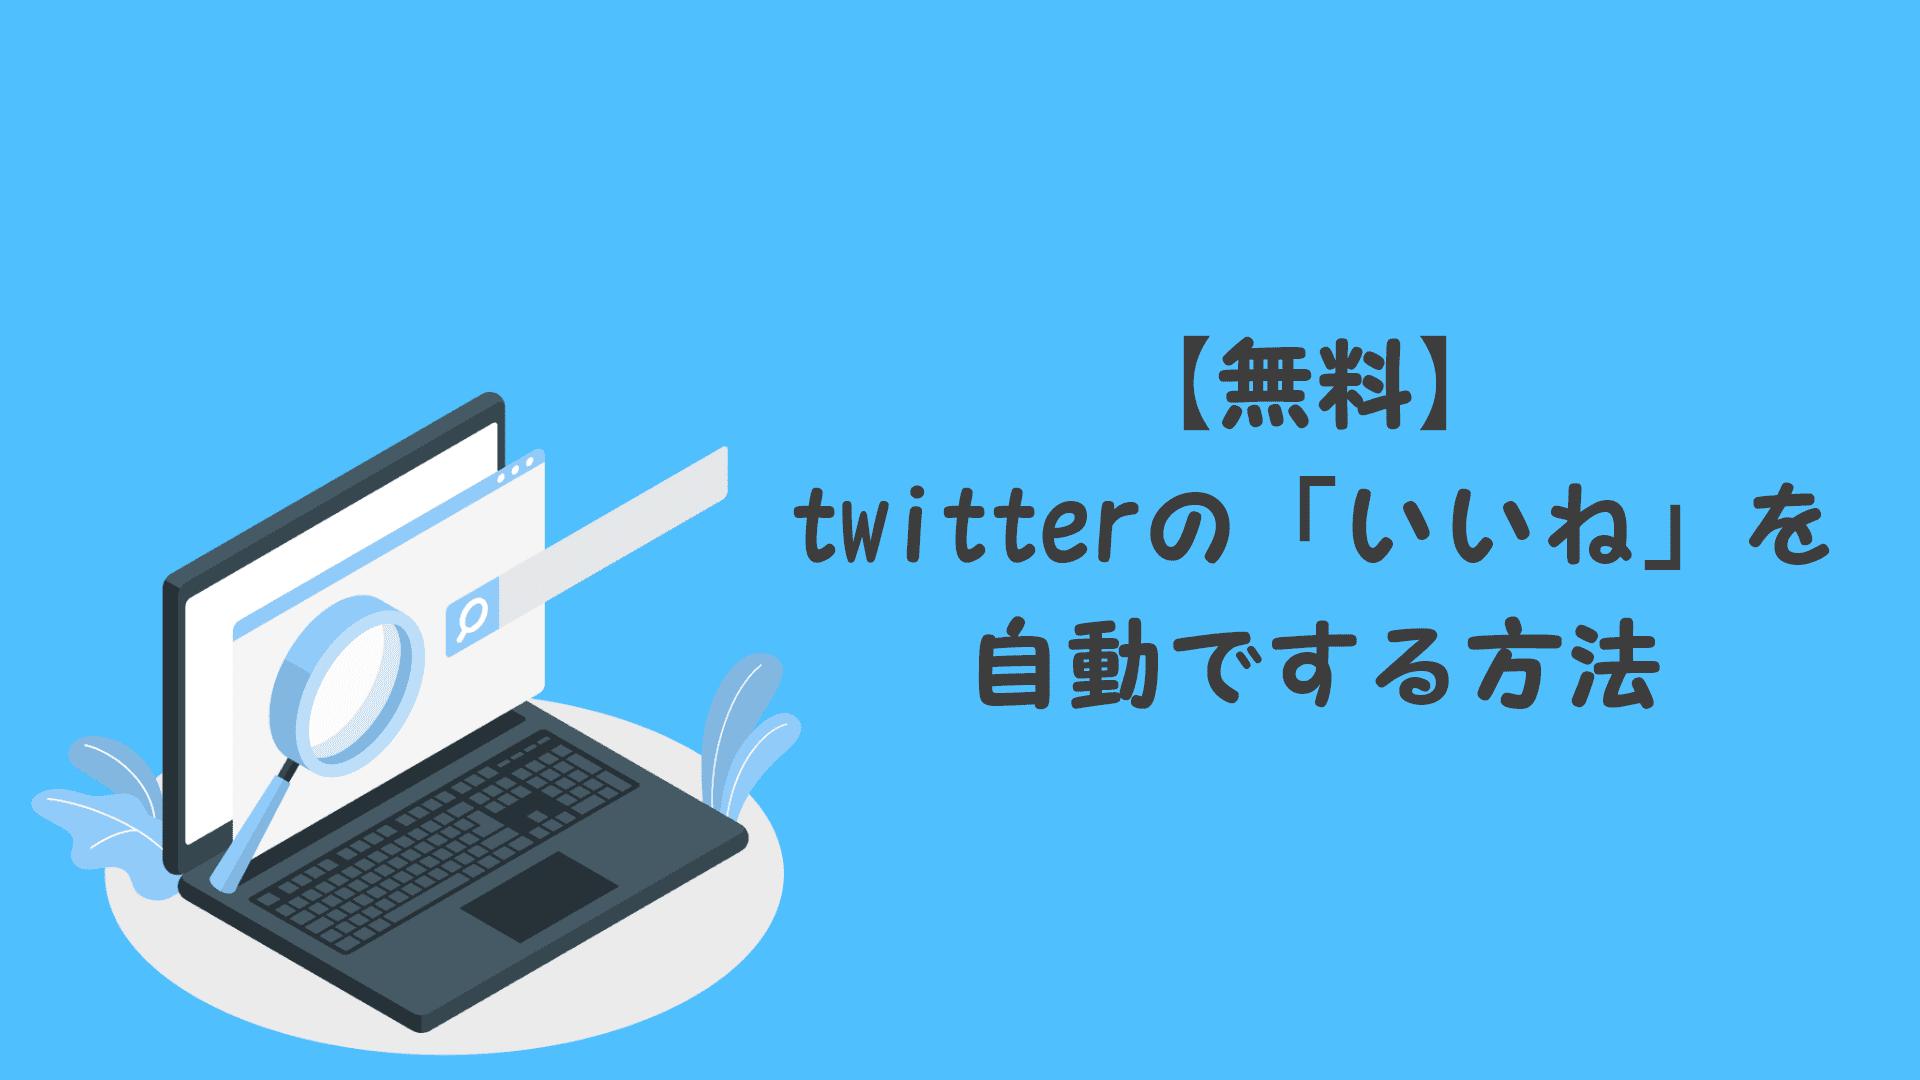 【無料】twitterの「いいね」を自動でする方法【注意:使用はしないでください】